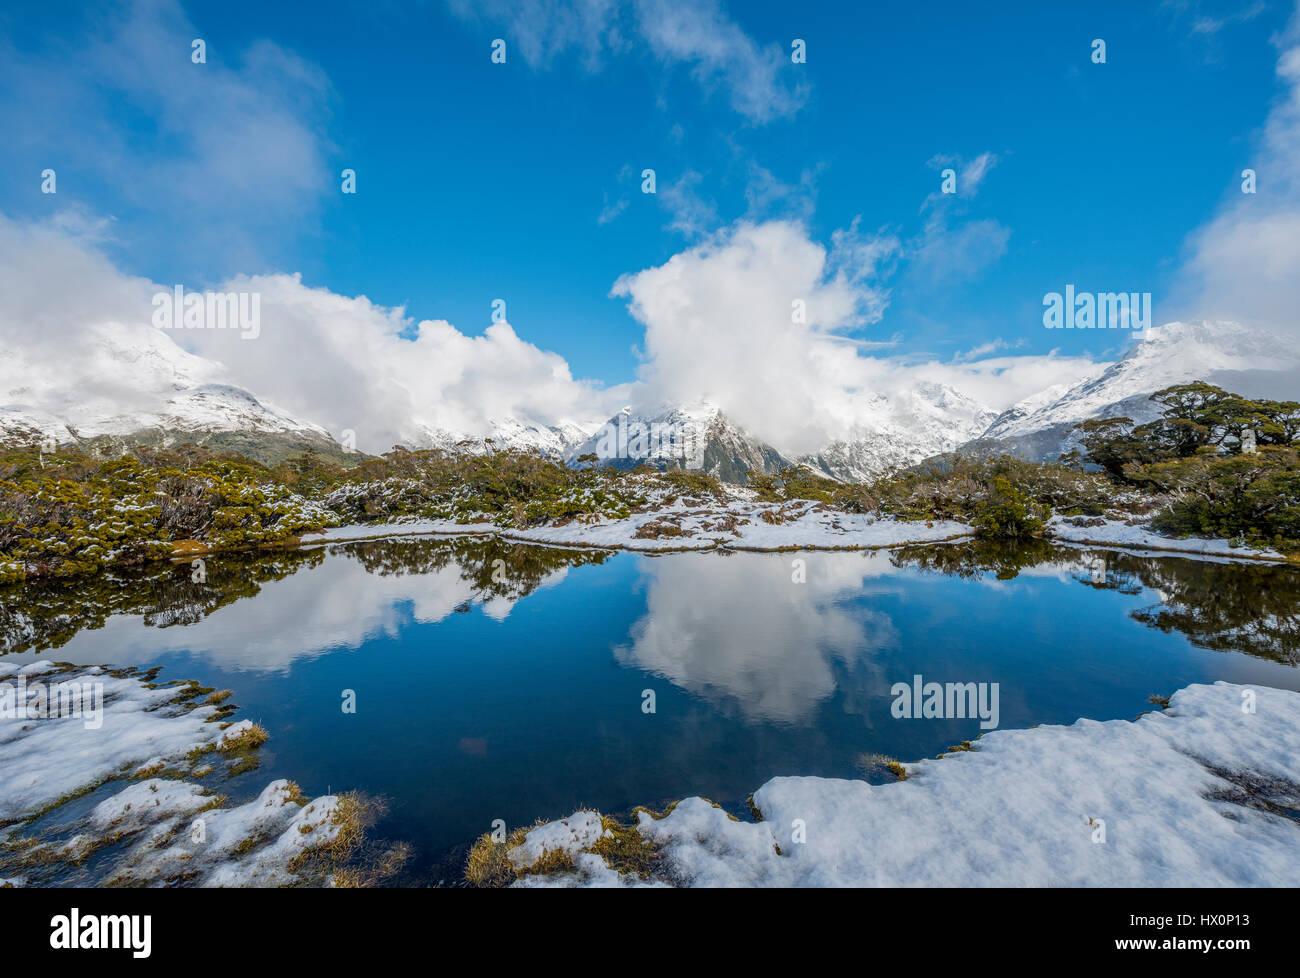 Snow on summit of Key Summit, Mt. Christina, Fiordland National Park, West Coast, Southland, New Zealand - Stock Image